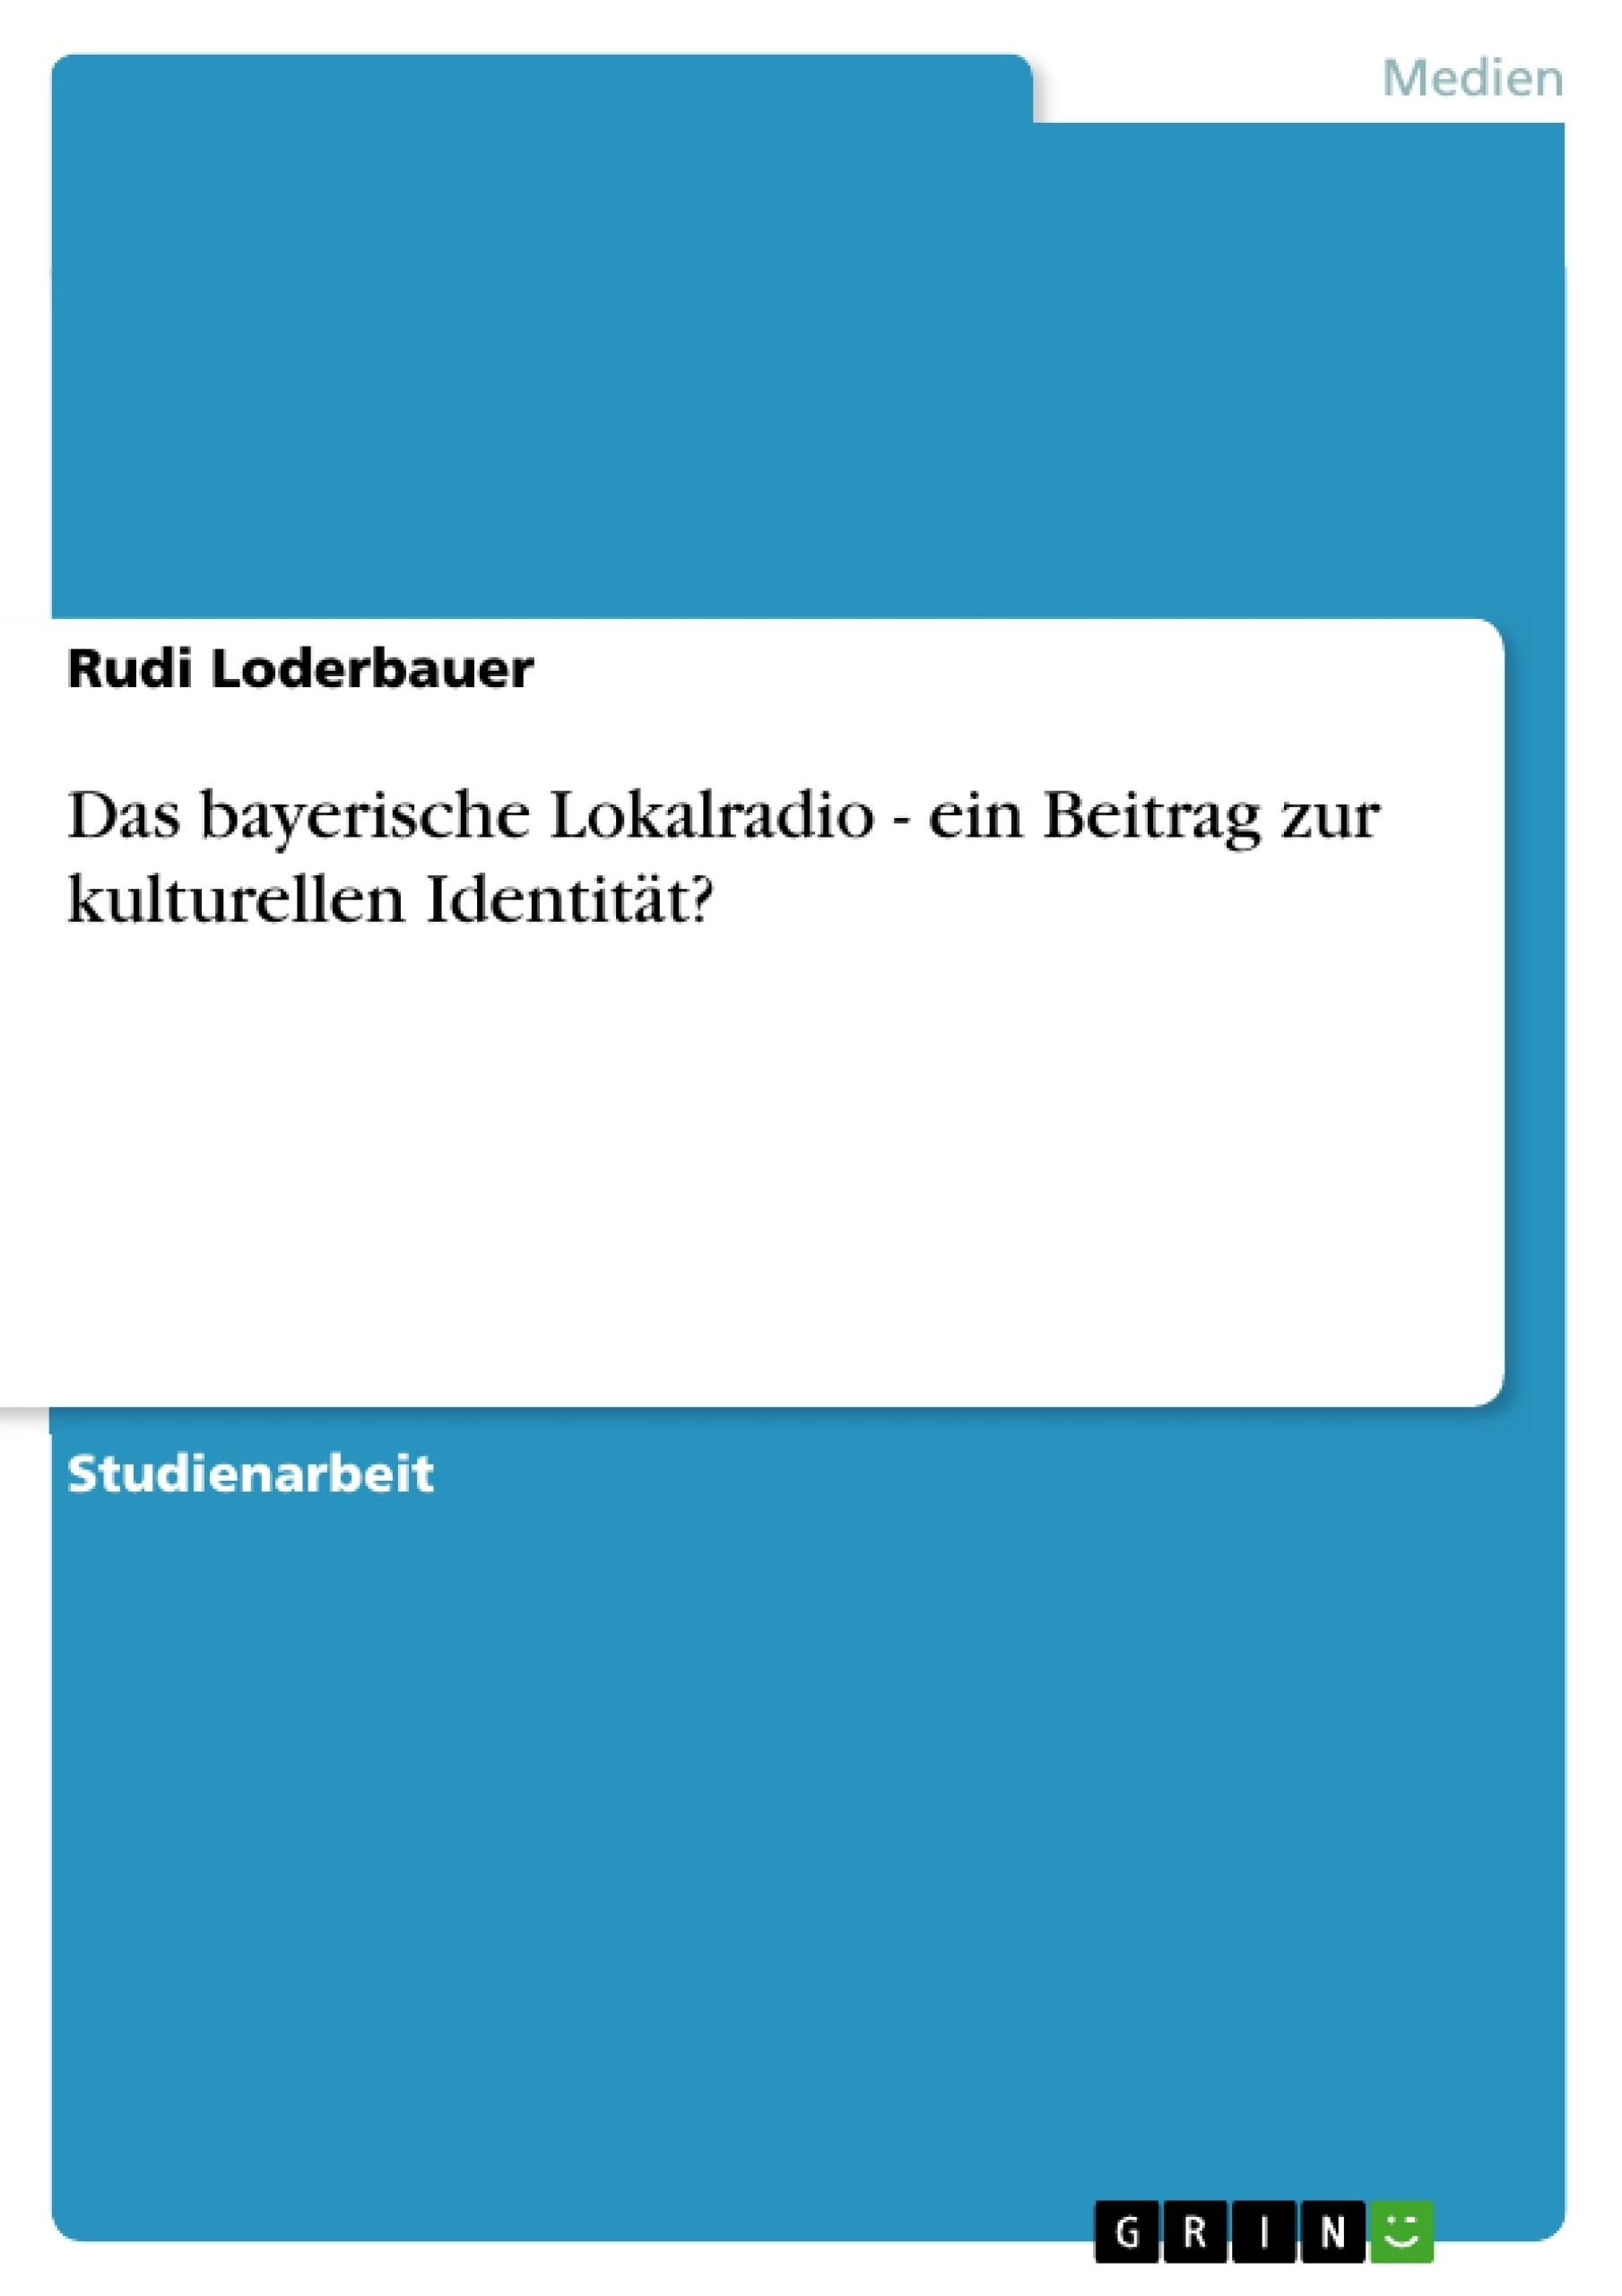 Titel: Das bayerische Lokalradio - ein Beitrag zur kulturellen Identität?